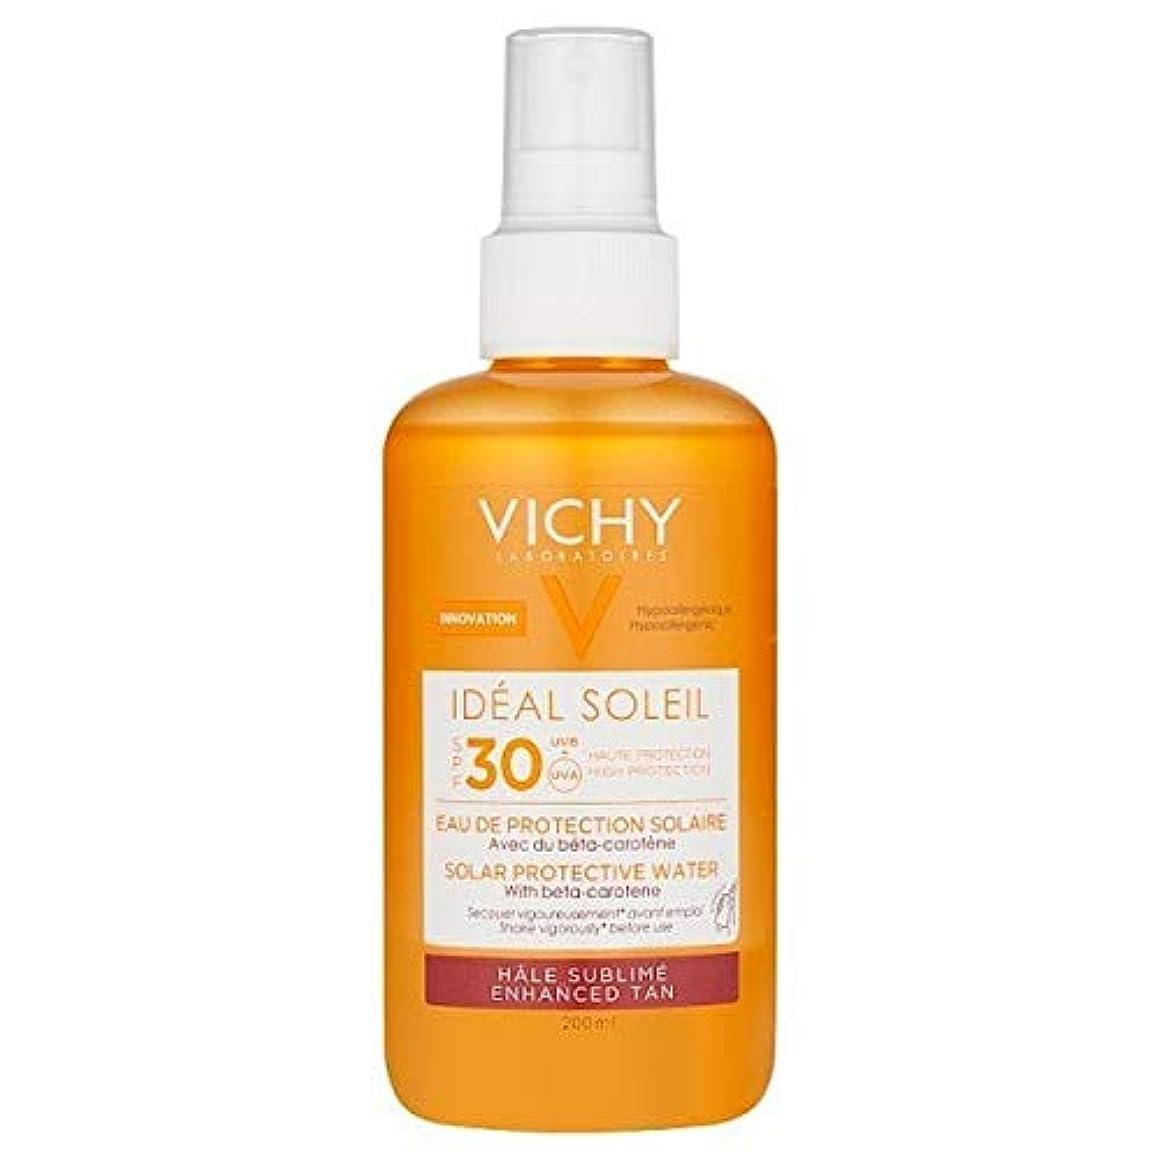 持続する鉛筆逆説[Vichy ] ヴィシー理想的ソレイユ日焼け日焼け止め水Spf30の200ミリリットル - VICHY Ideal Soleil Tanning Sun Protection Water SPF30 200ml [並行輸入品]